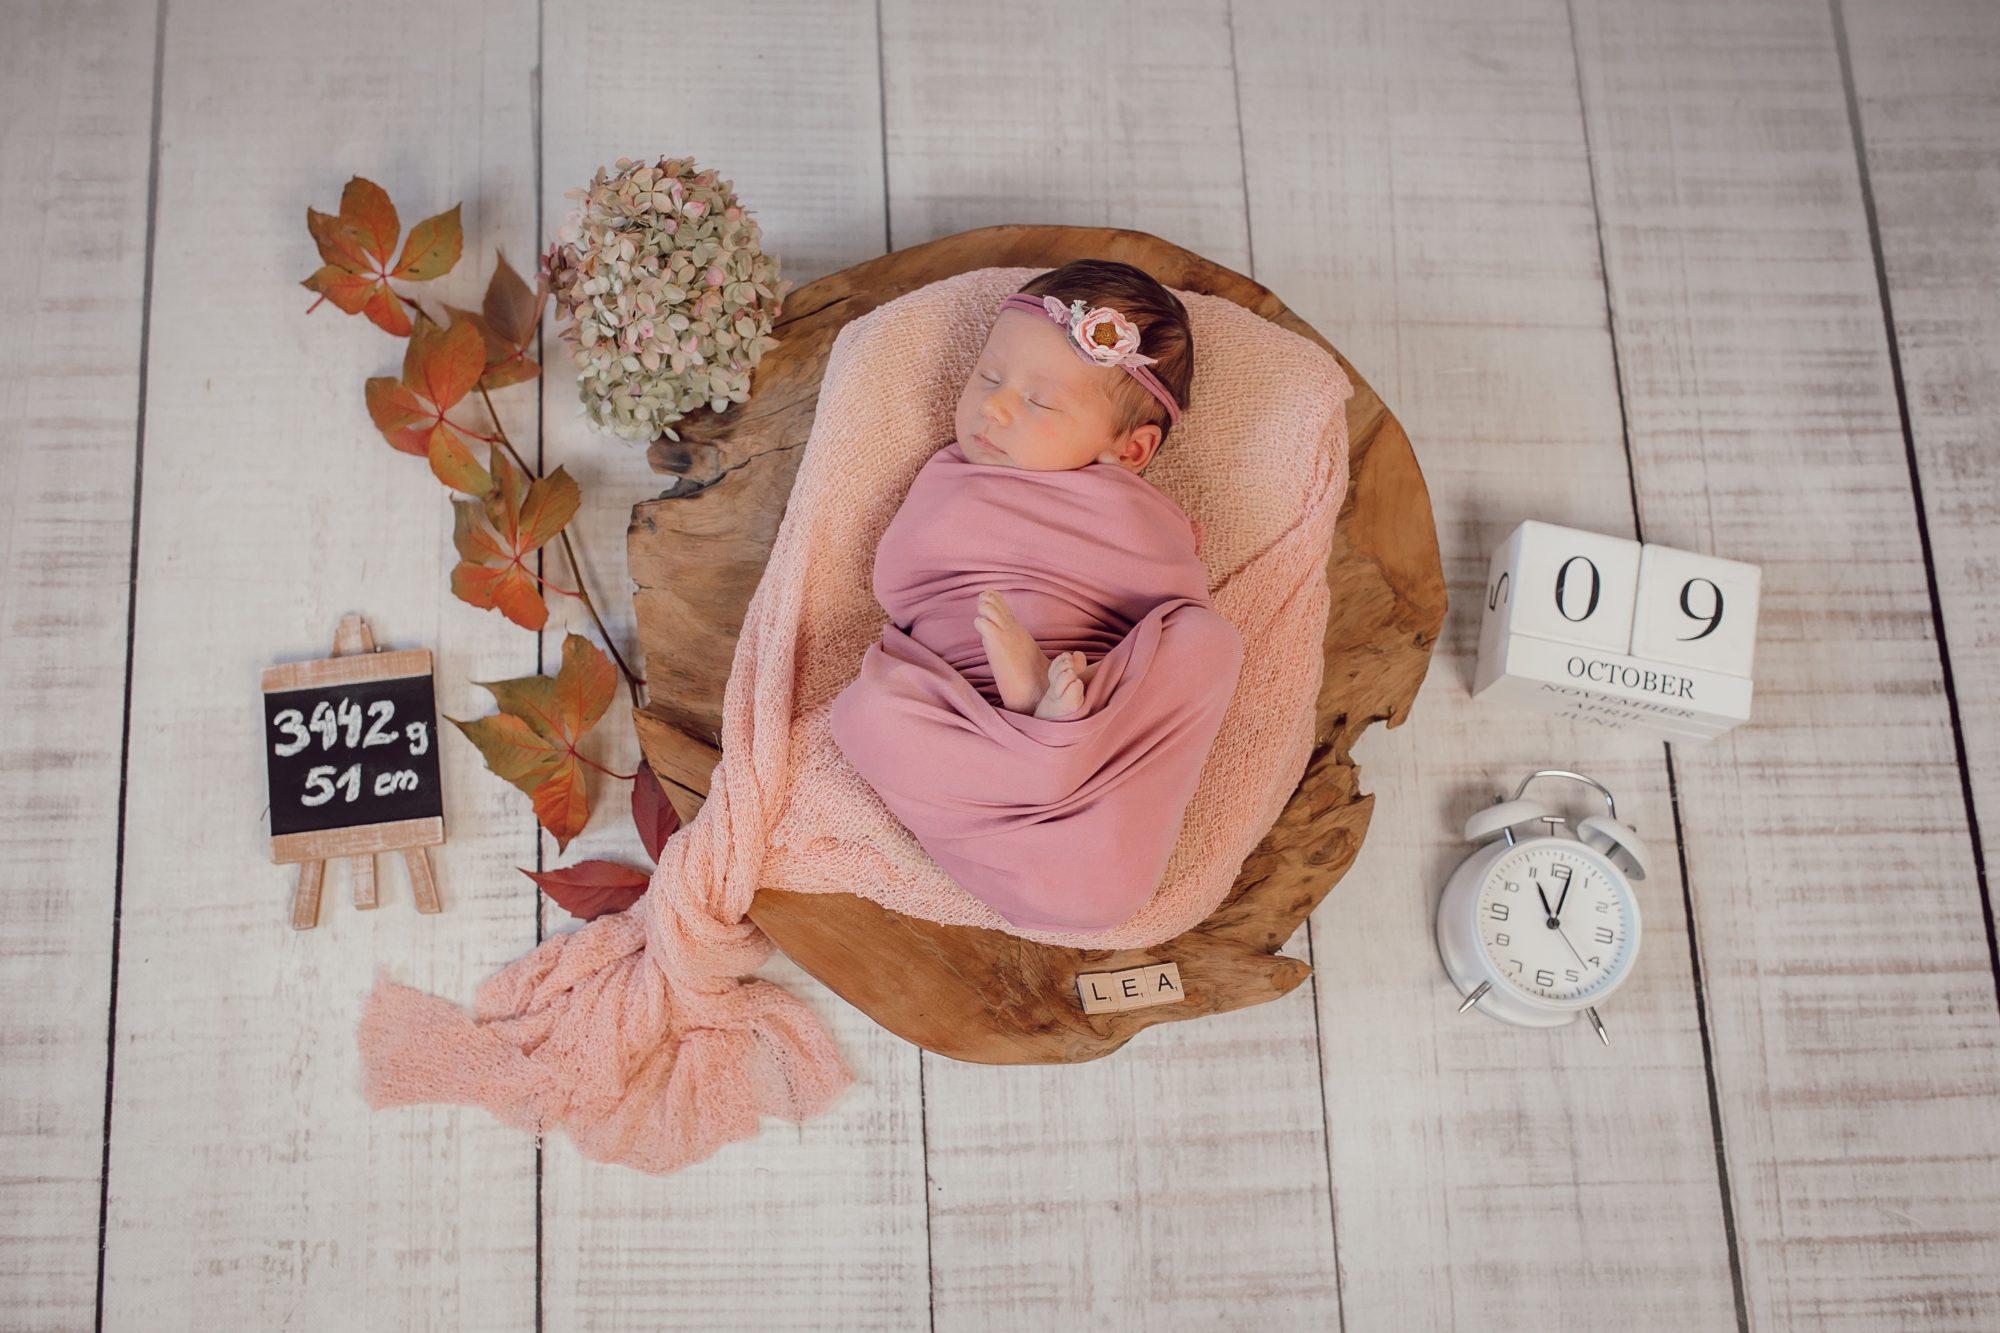 Babybauch Shooting, Tamsweg, Greifenburg, Obervellach, Fotografie, Babyfotos, Kärnten, Spittal, Seeboden, Villach, Klagenfurt, Babybauchshooting, Familienshooting, Familien, Fotograf, Foto, Paarshooting, Portraits, Österreich, Studio, Taufe, Verena Schön, Hochzeitsfotografie, Hochzeit, Hochzeitsfotograf